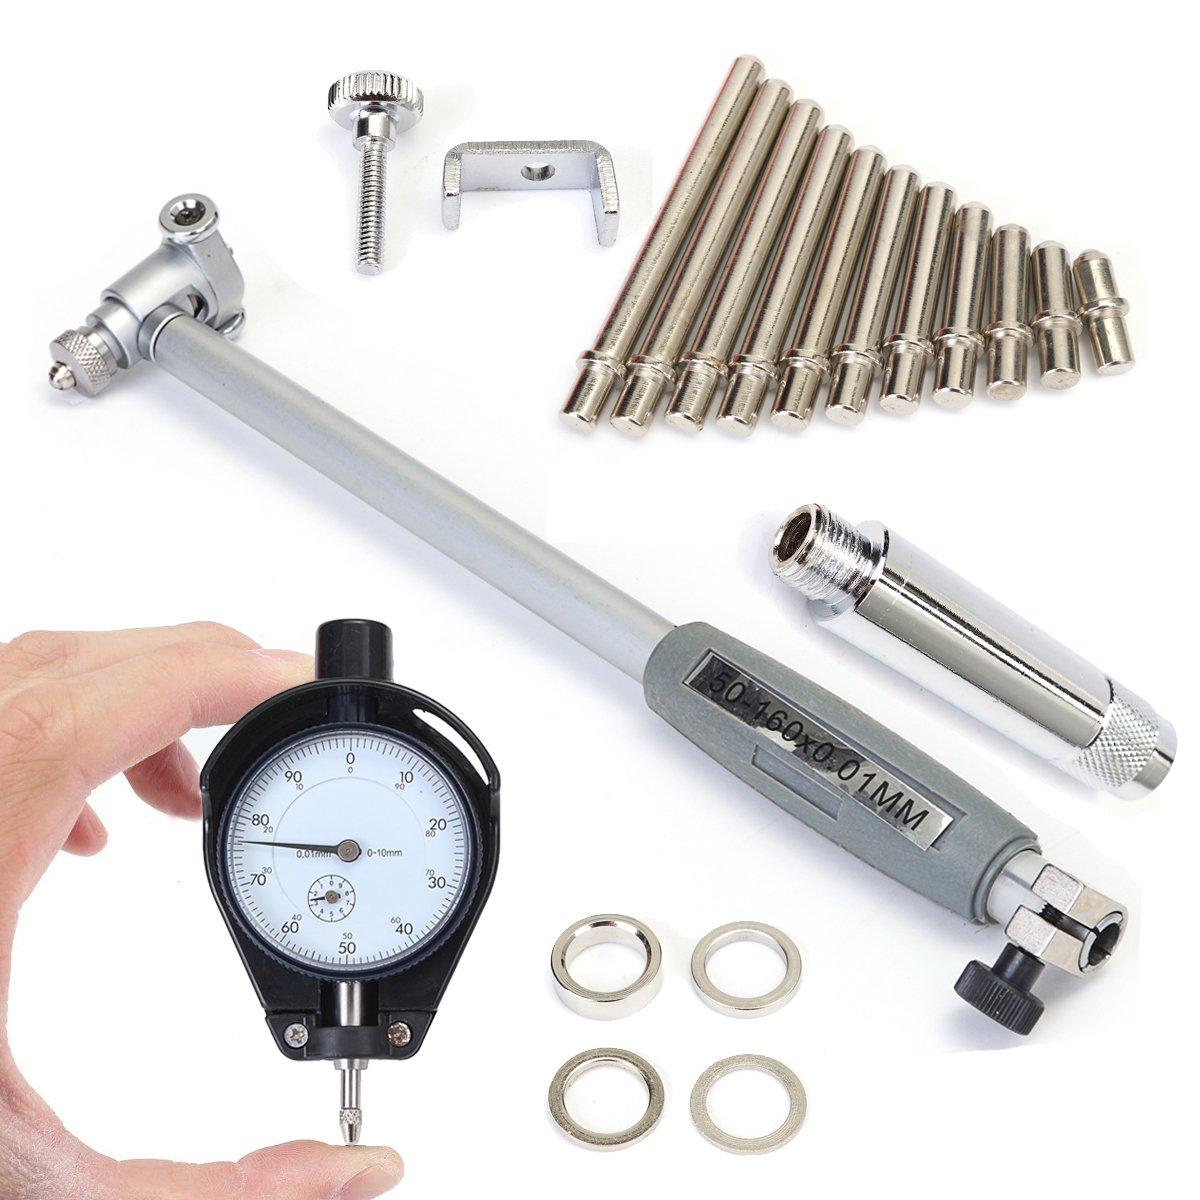 Generic 50-160MM Accuracy 0.01MM Indicator Inner Diameter Dial Bore Gauge